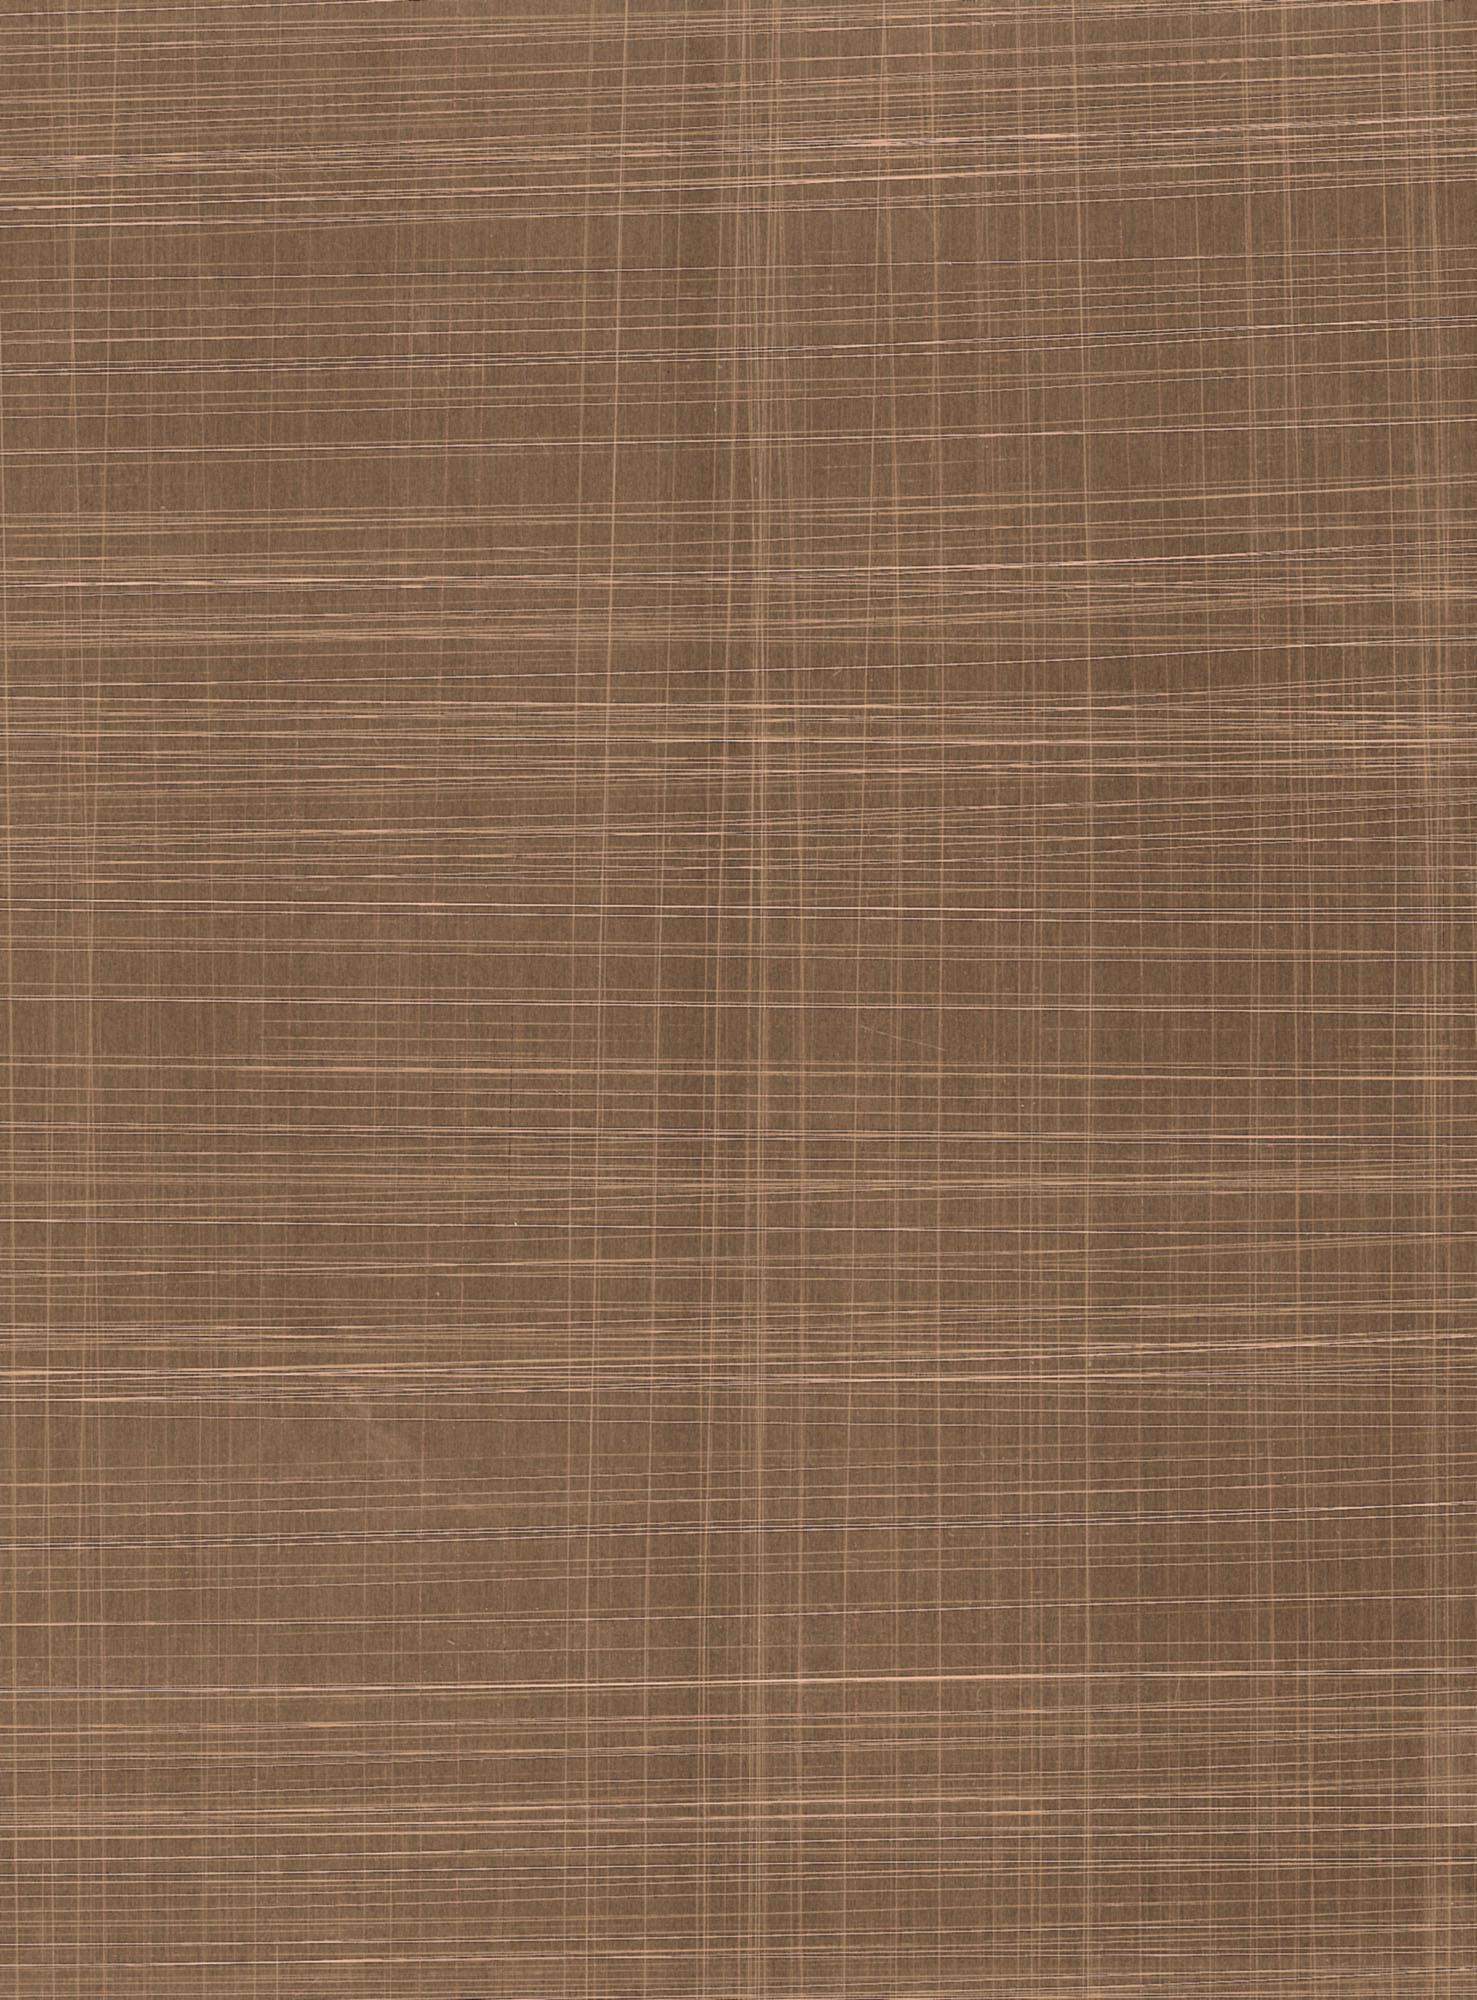 M5392 Copper Veil